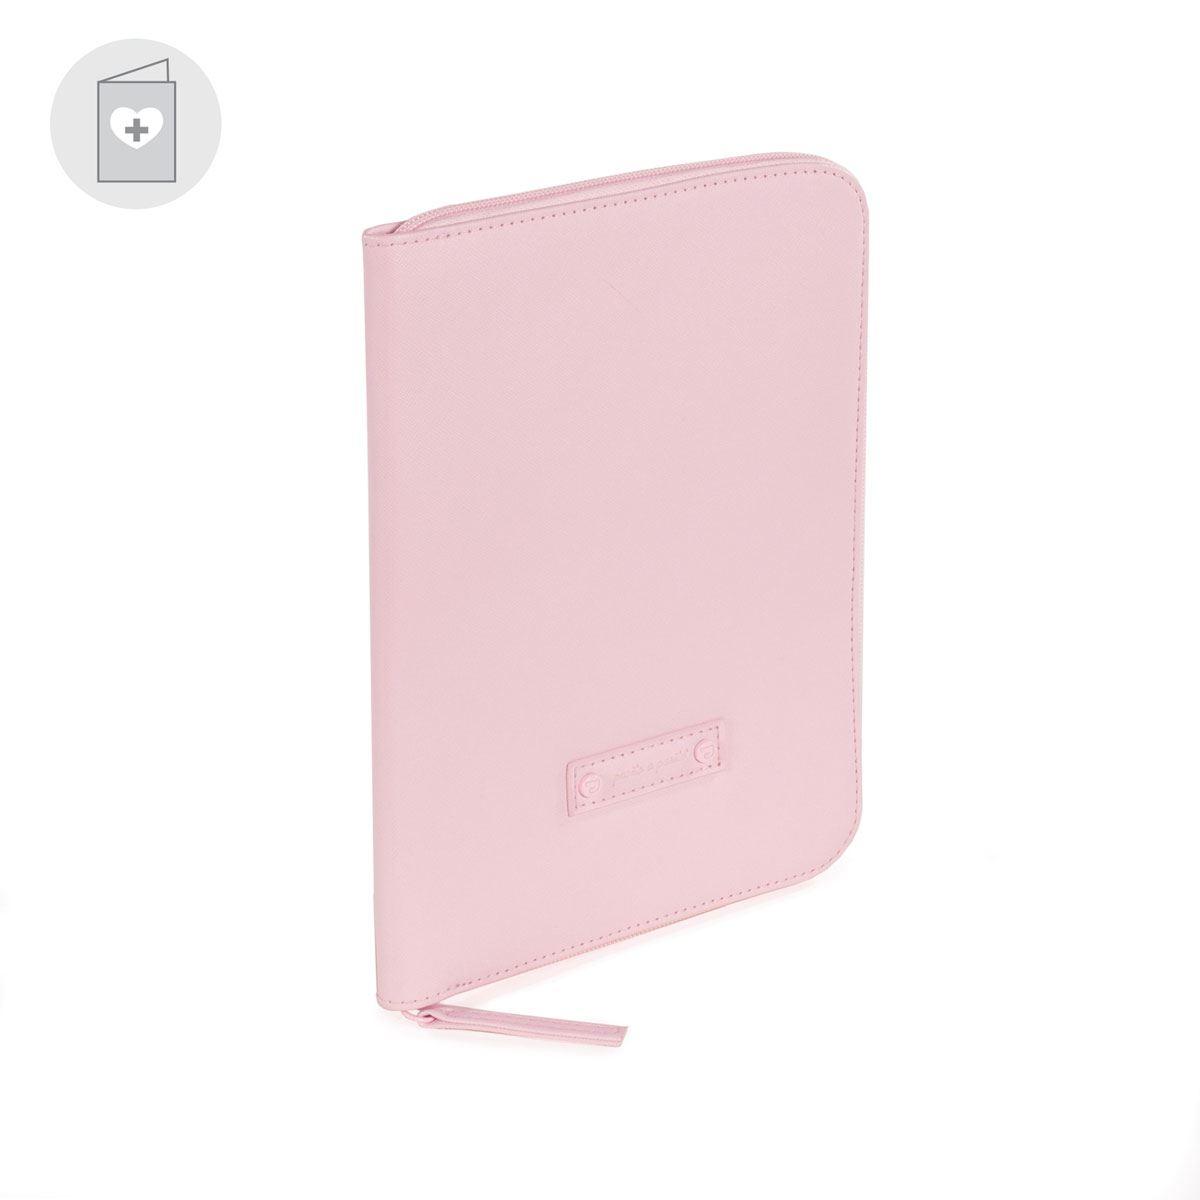 Libro Nacimiento Essentials Rosa